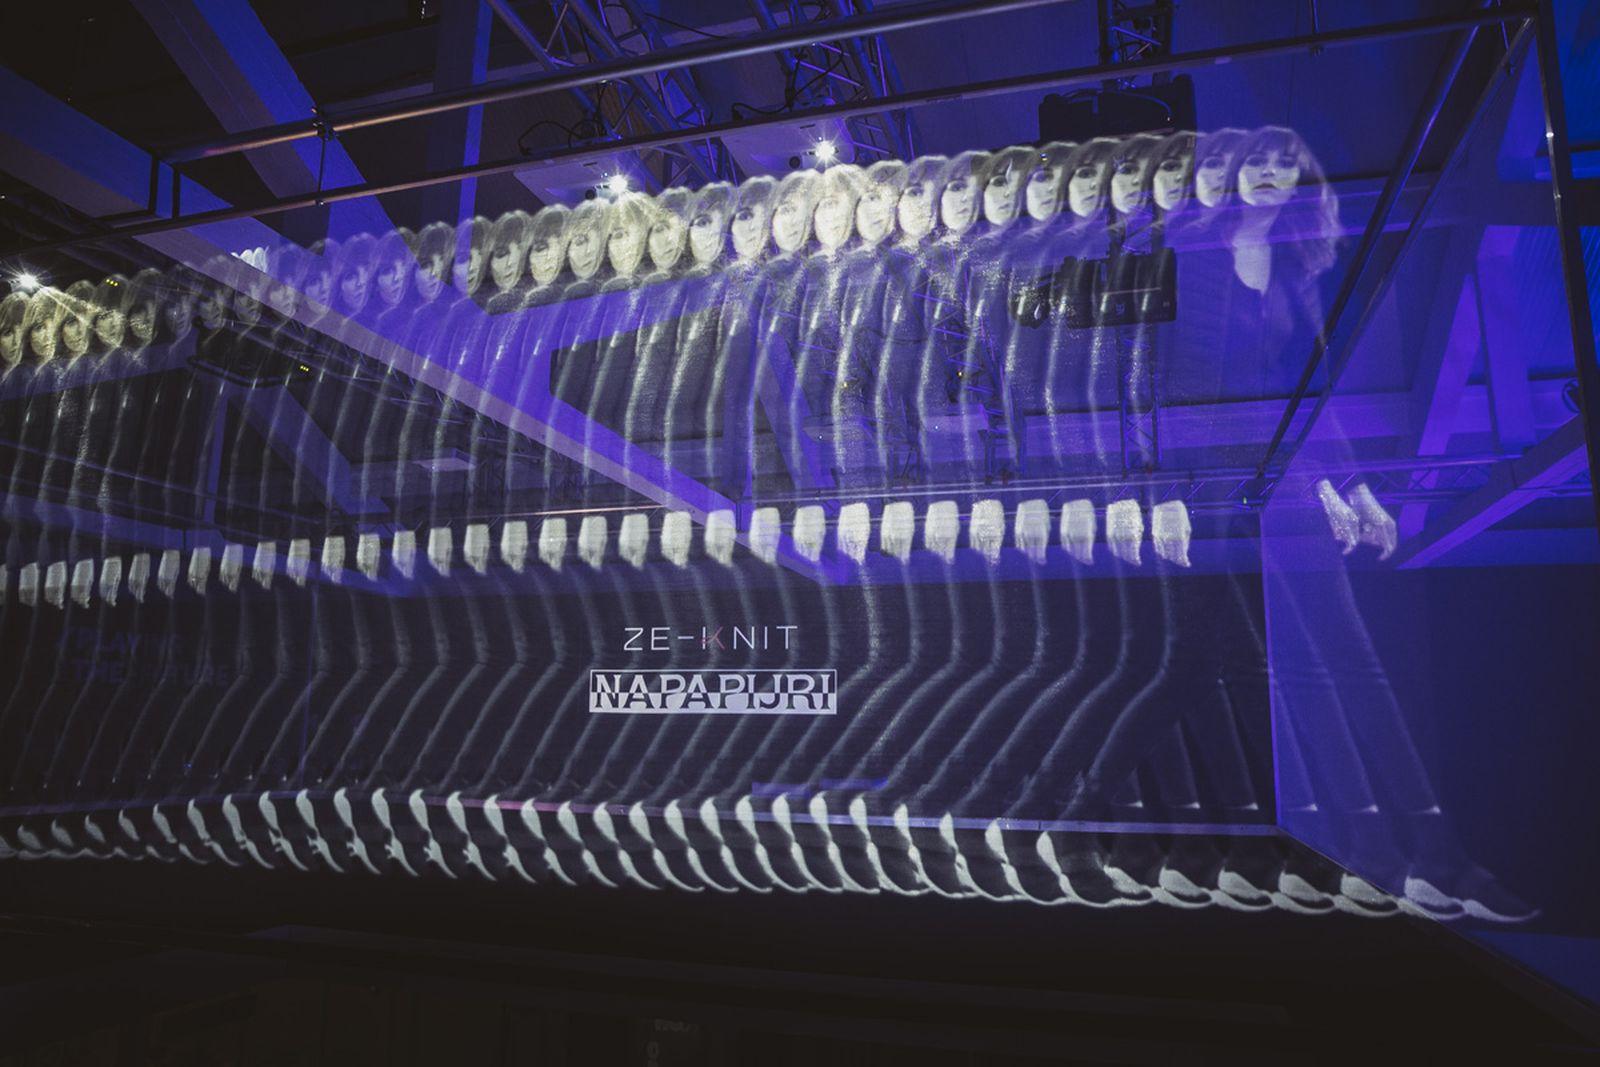 napapijri-futurehood-zeknit-31